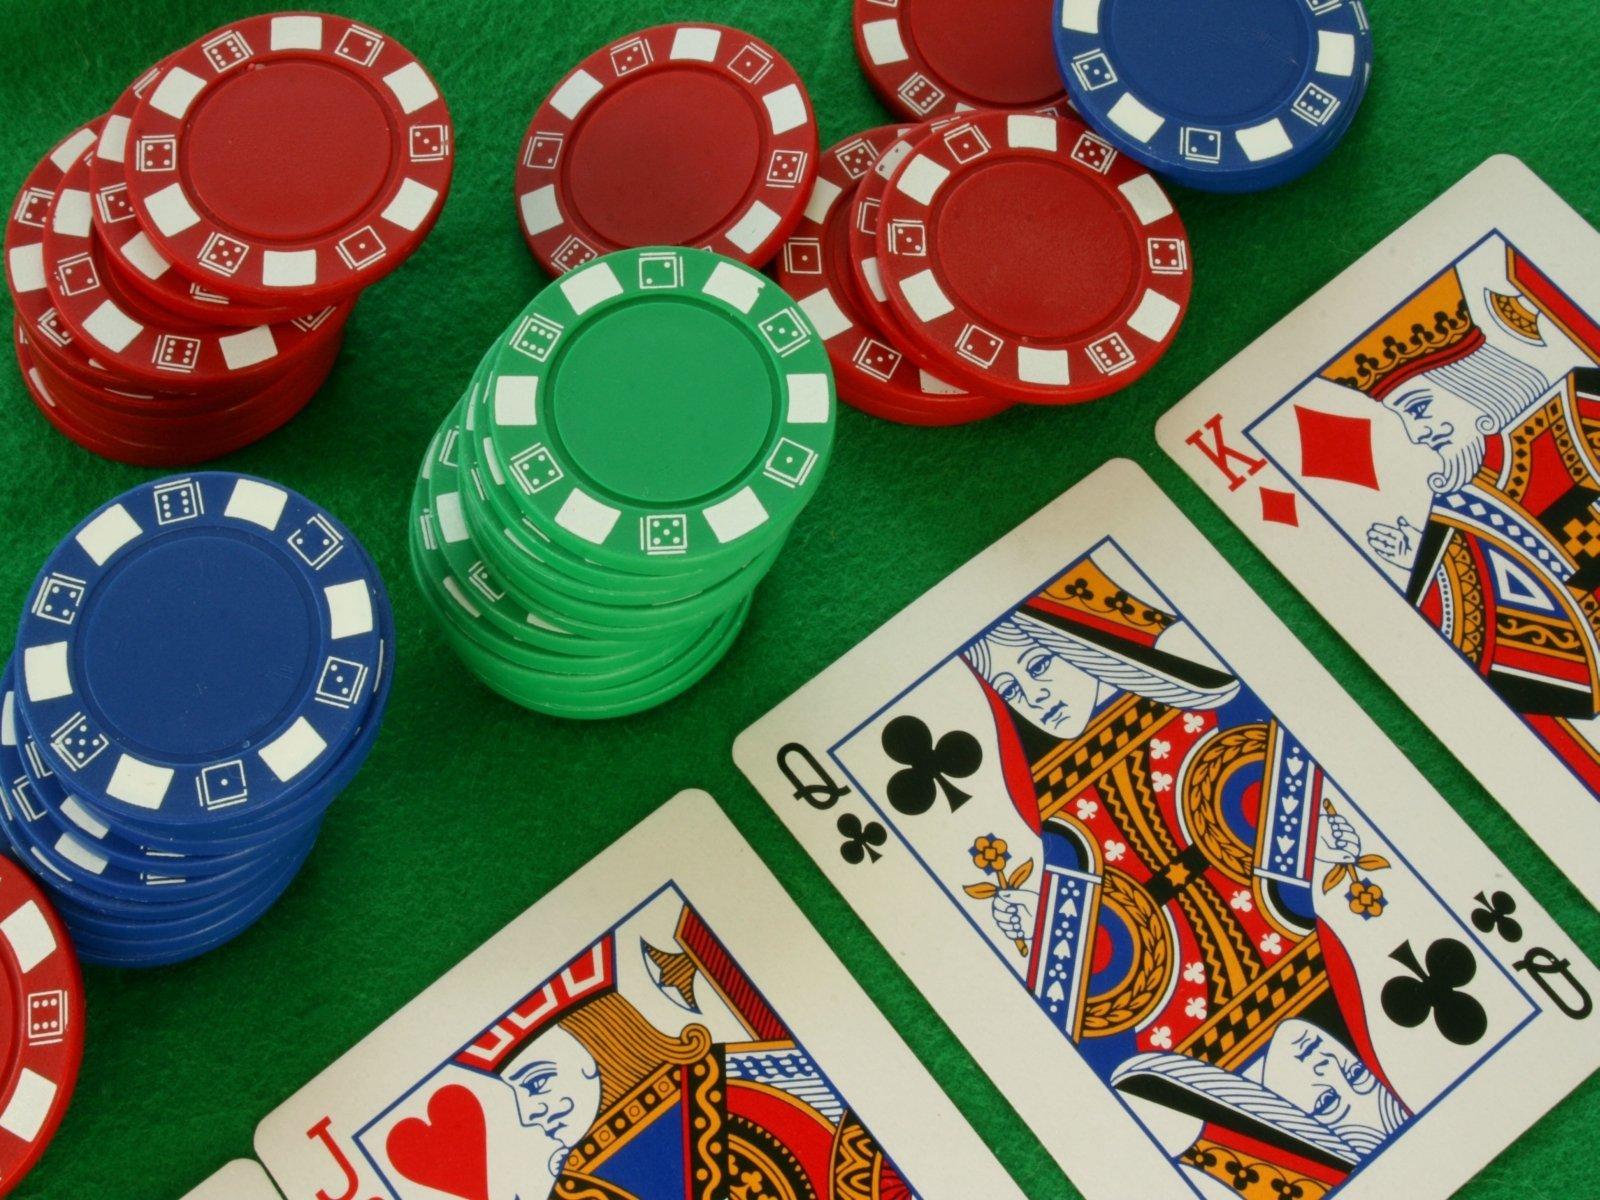 Закон о запрете переводов нелегальным букмекерам, лотереям и покер-румам | vipdeposits